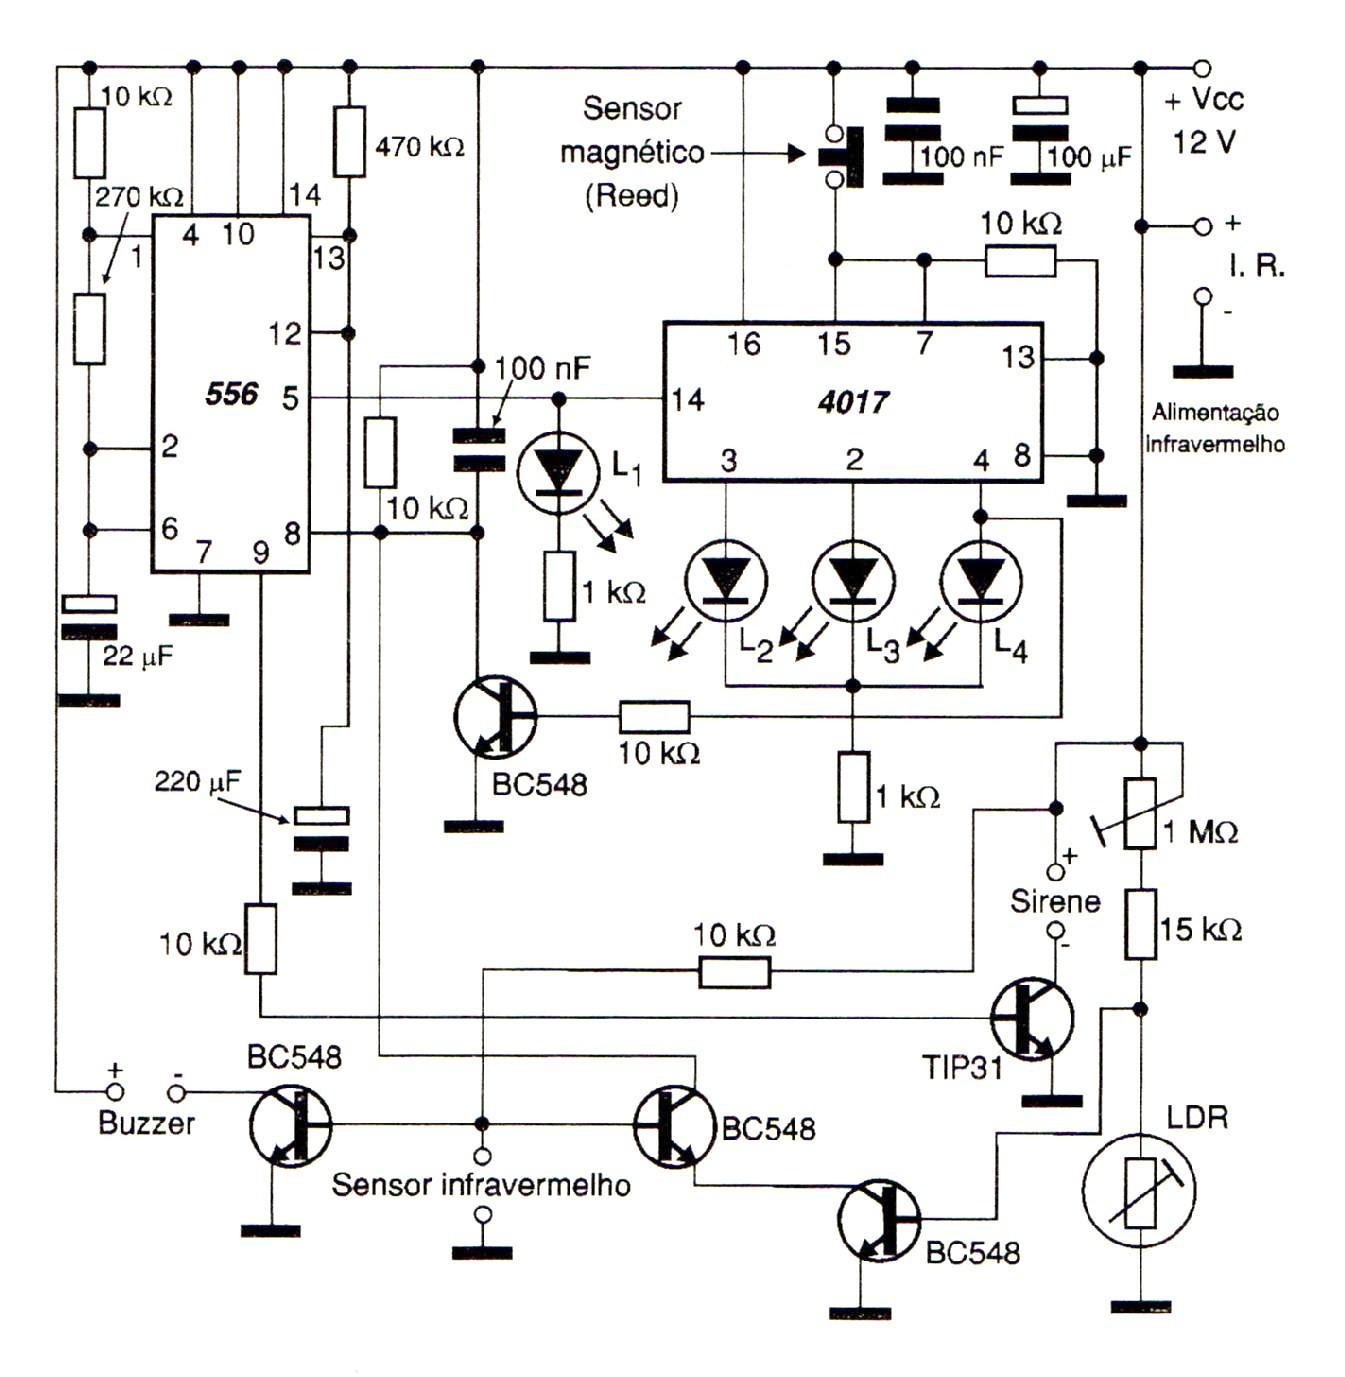 Circuito Eletronico : Eletrônico circuito alarme de passagem